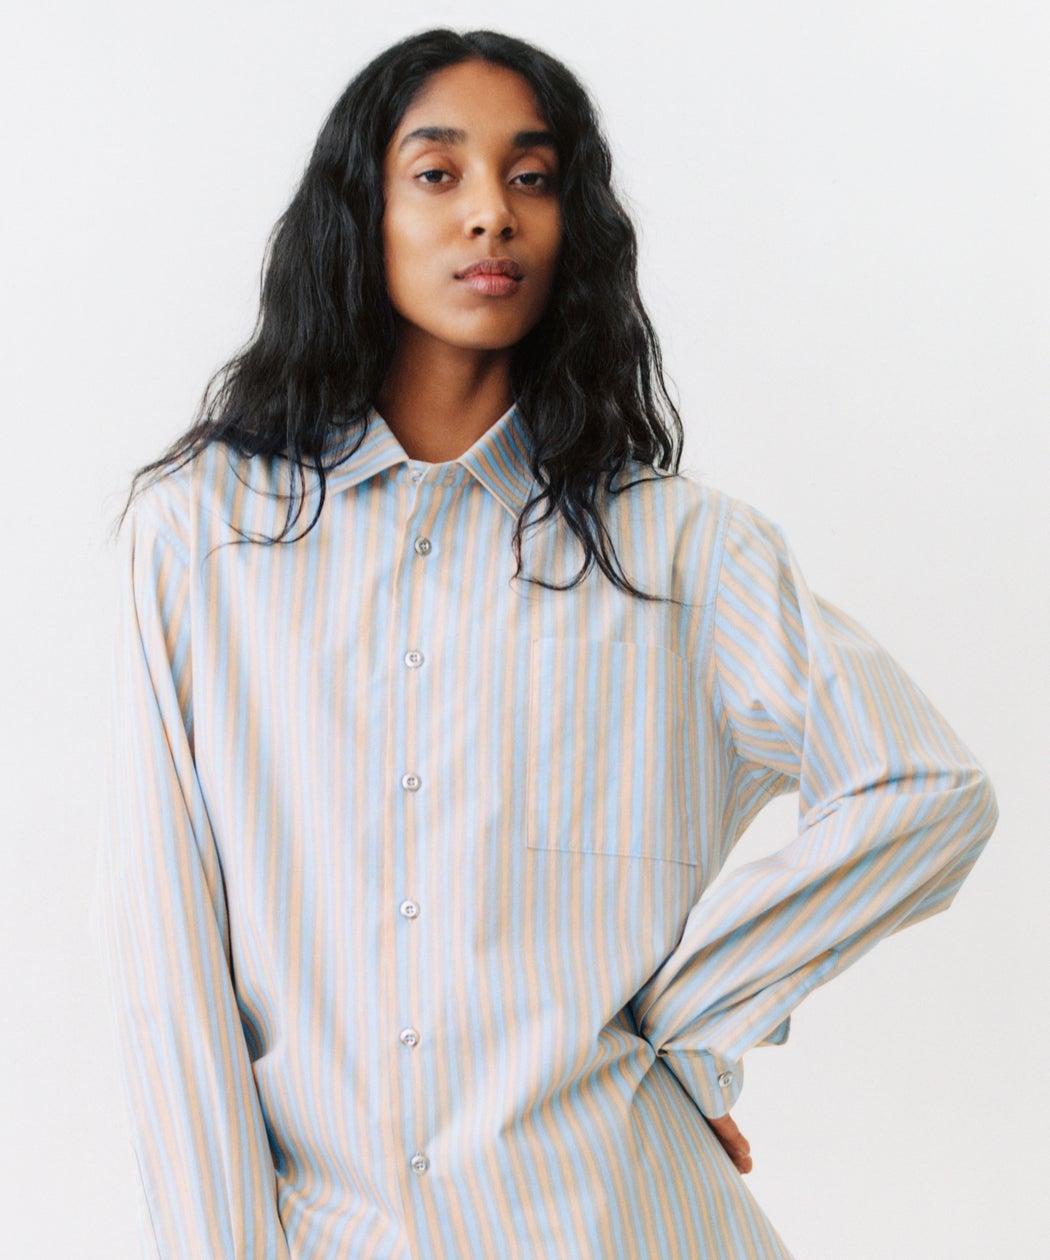 Marimekko Jokapoika shirt